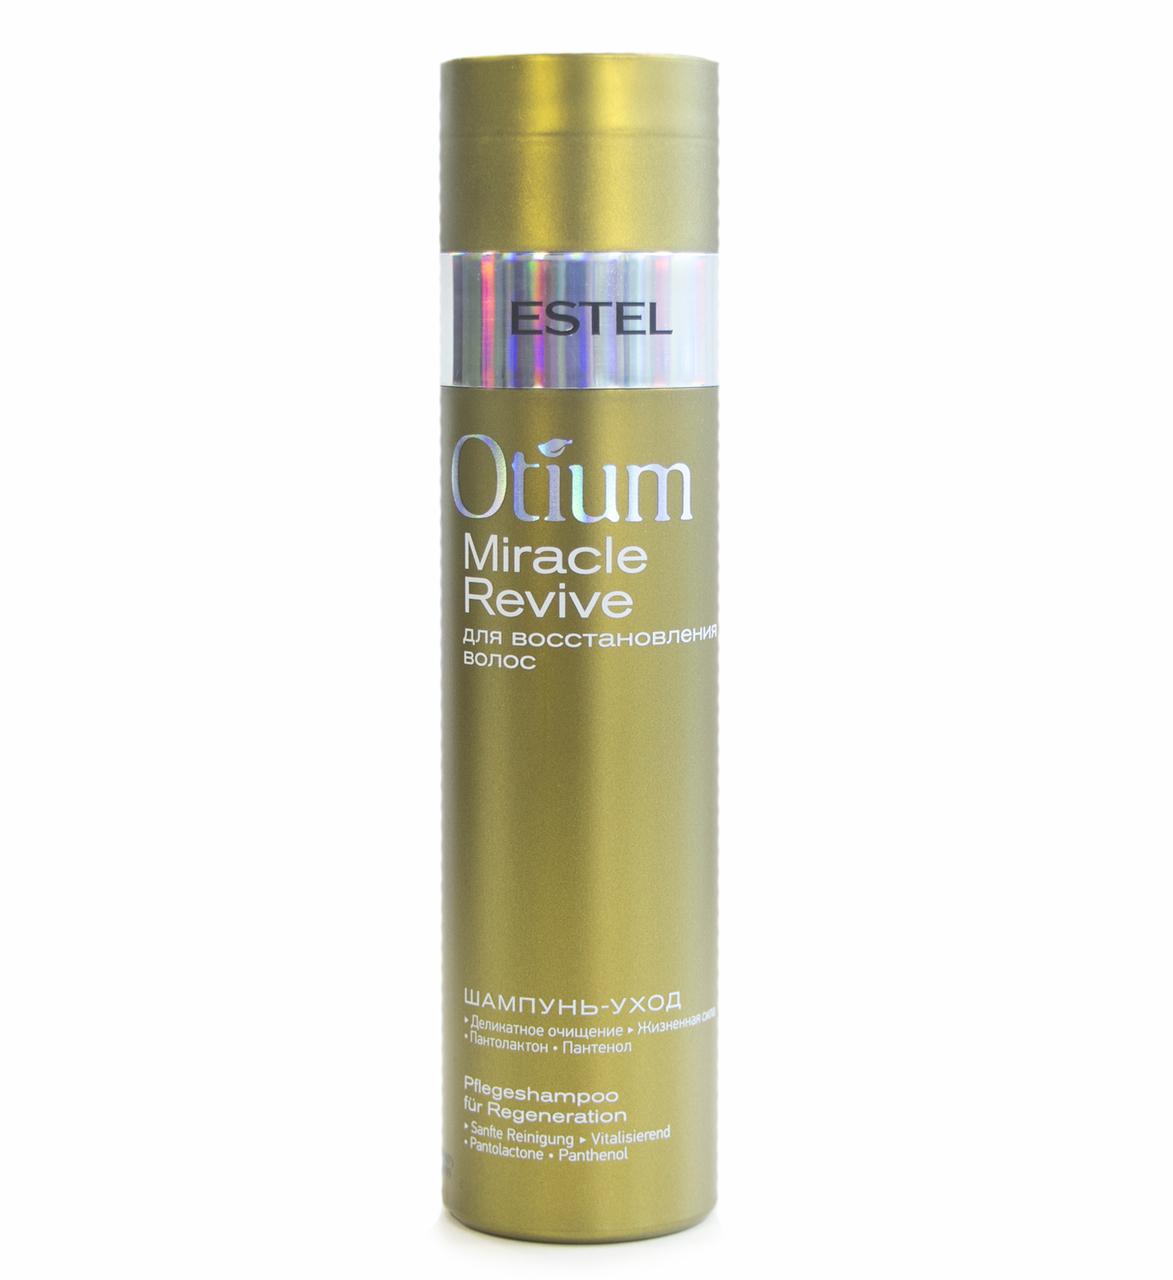 OTIUM MIRACLE REVIVE - шампунь-уход для восстановления волос